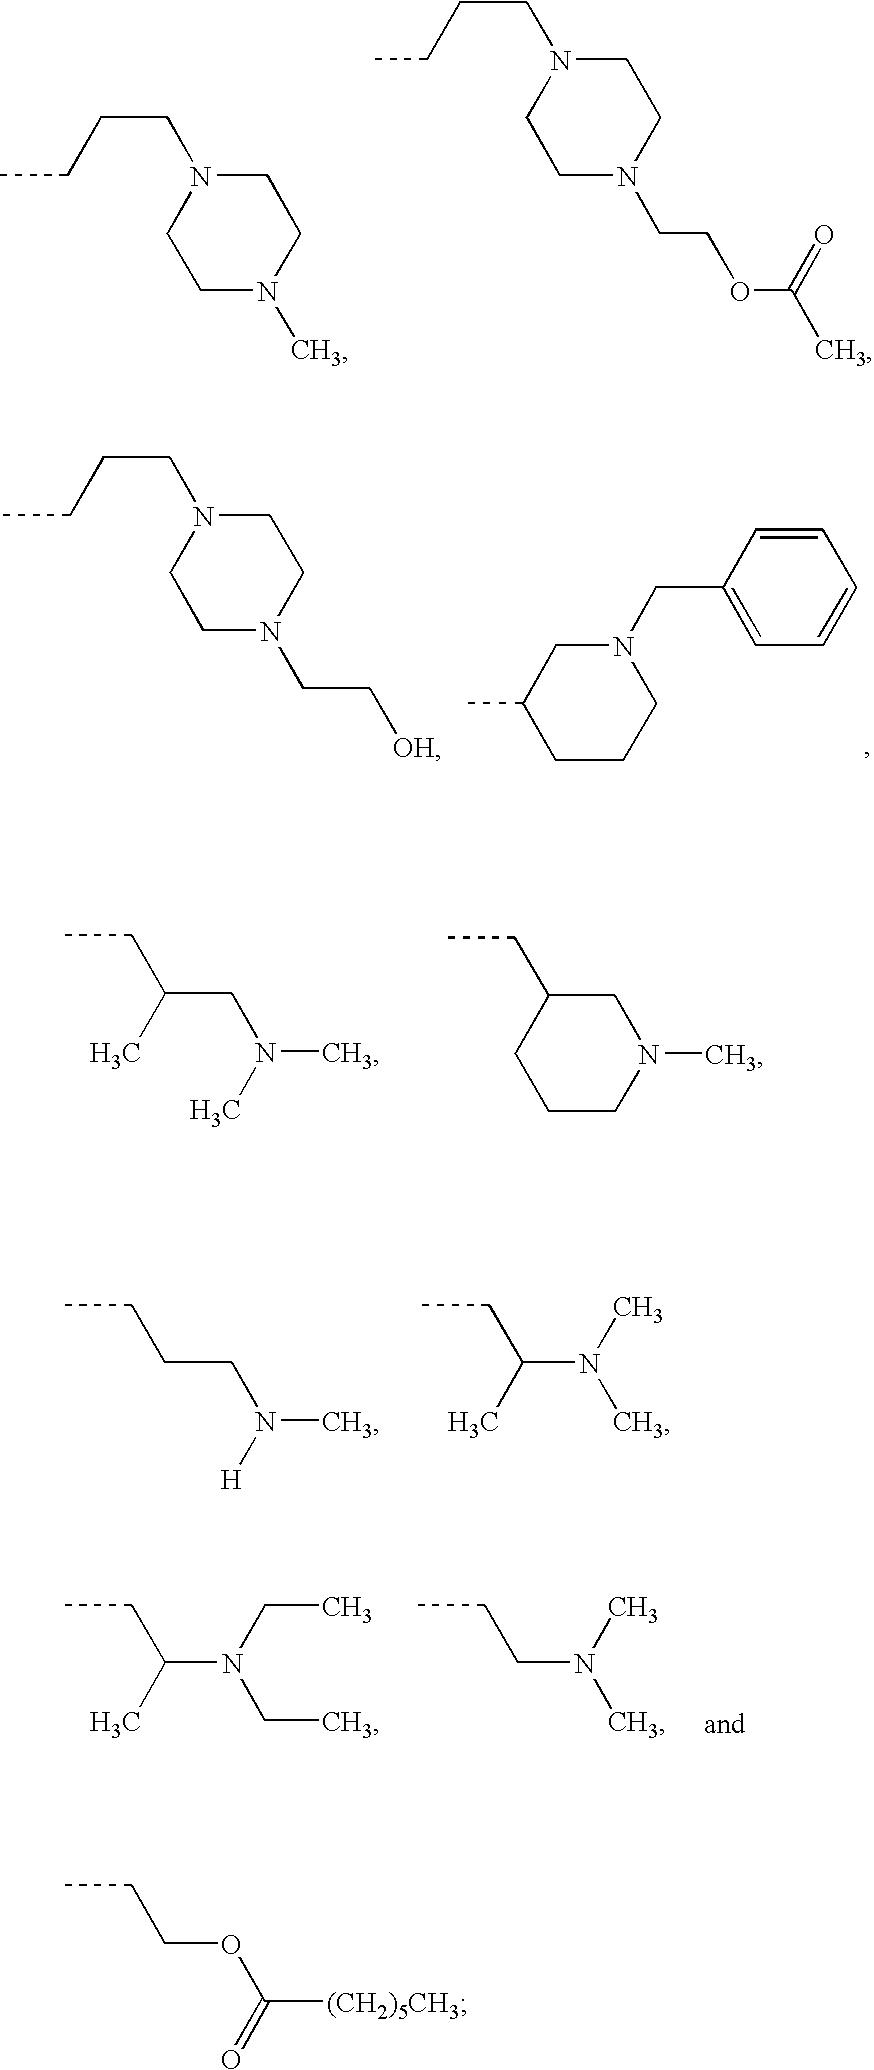 Figure US20070208134A1-20070906-C00201